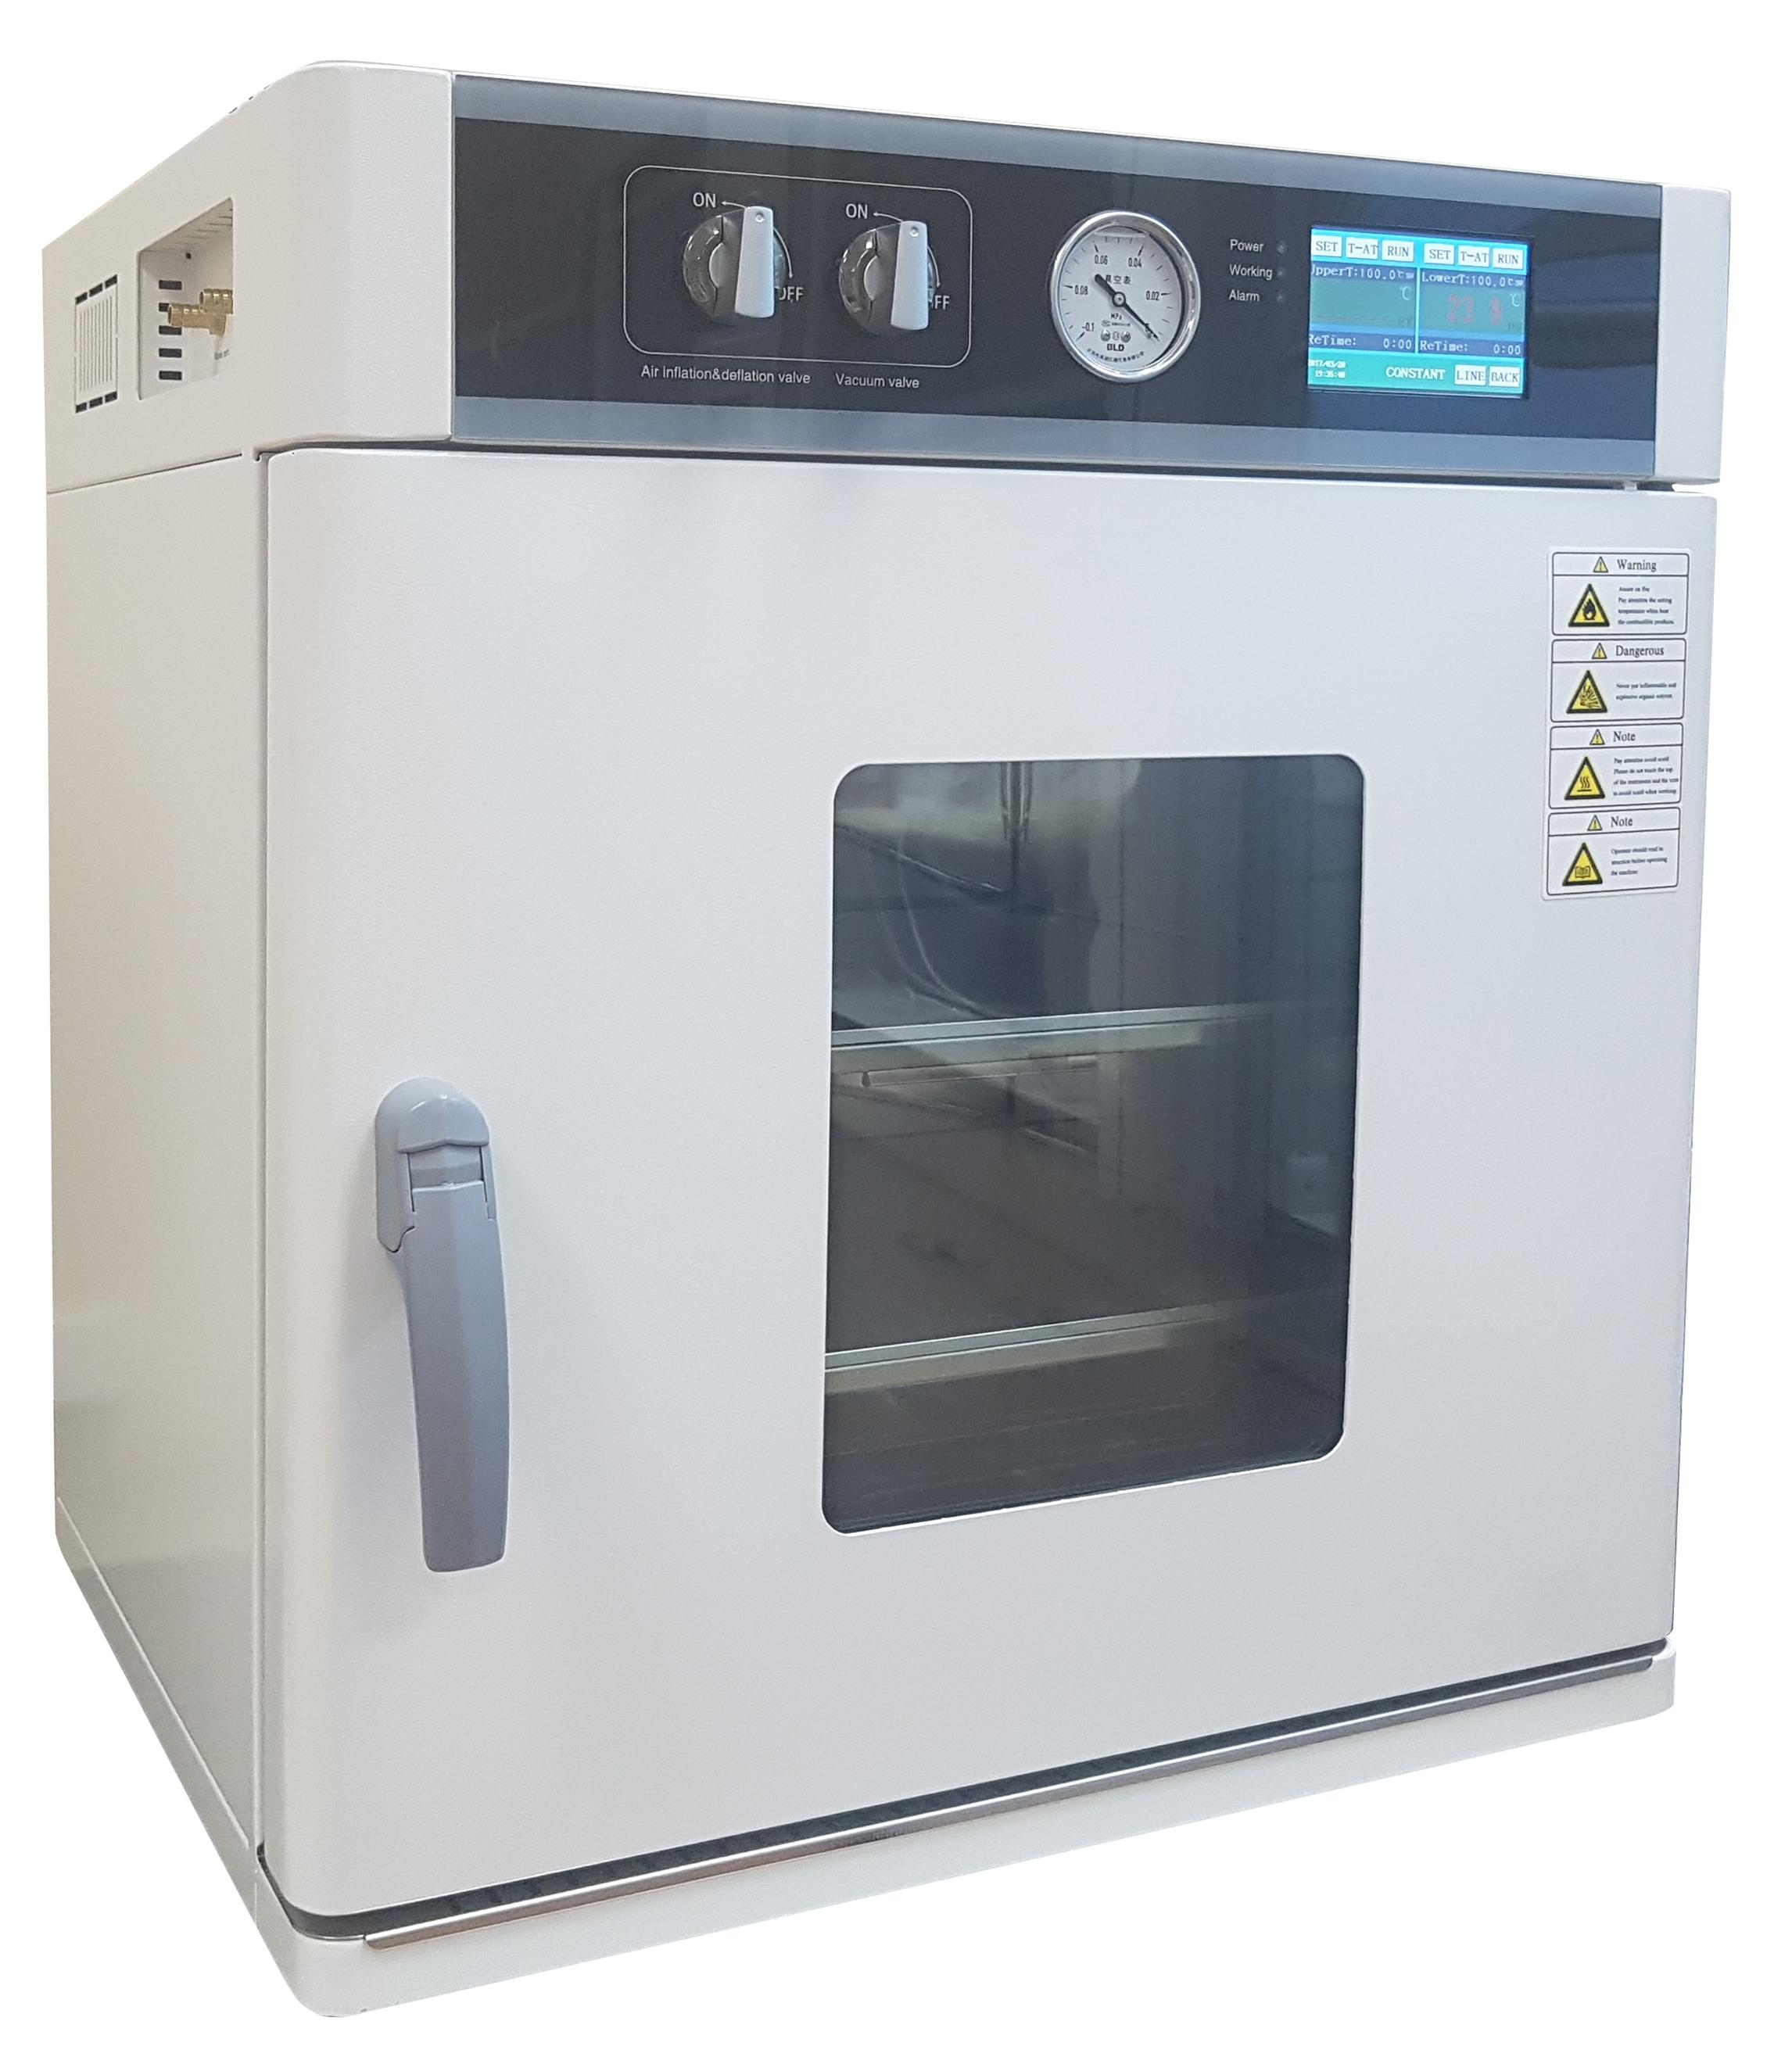 Сушильный шкаф UT-4686V: обзор модели